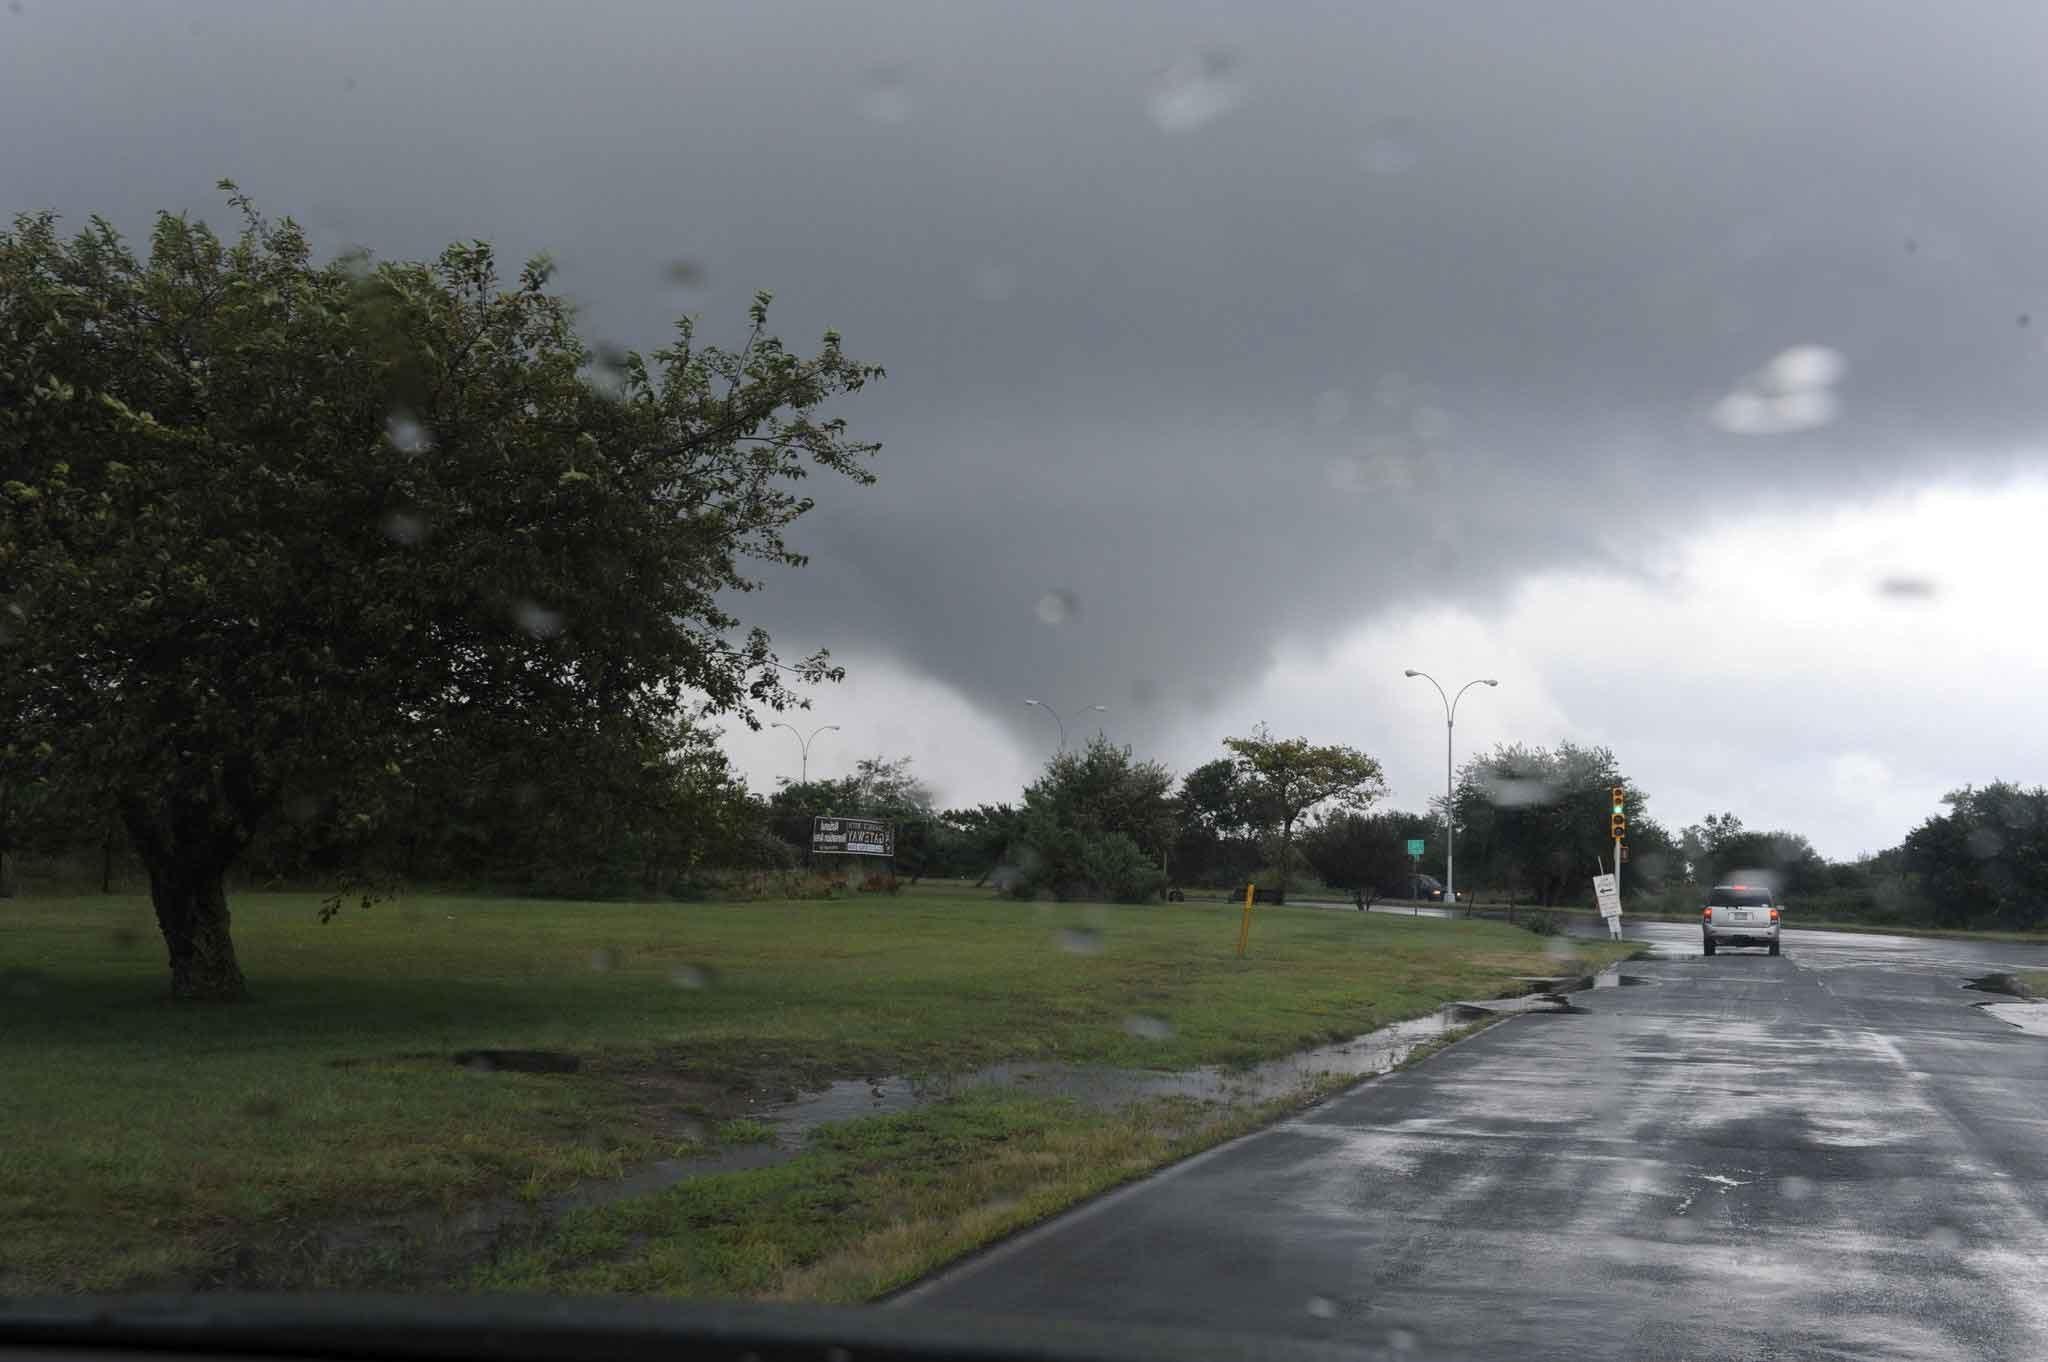 Sky Drops Tornado Storm Clouds Rain Good Nature Desktop Wallpapers